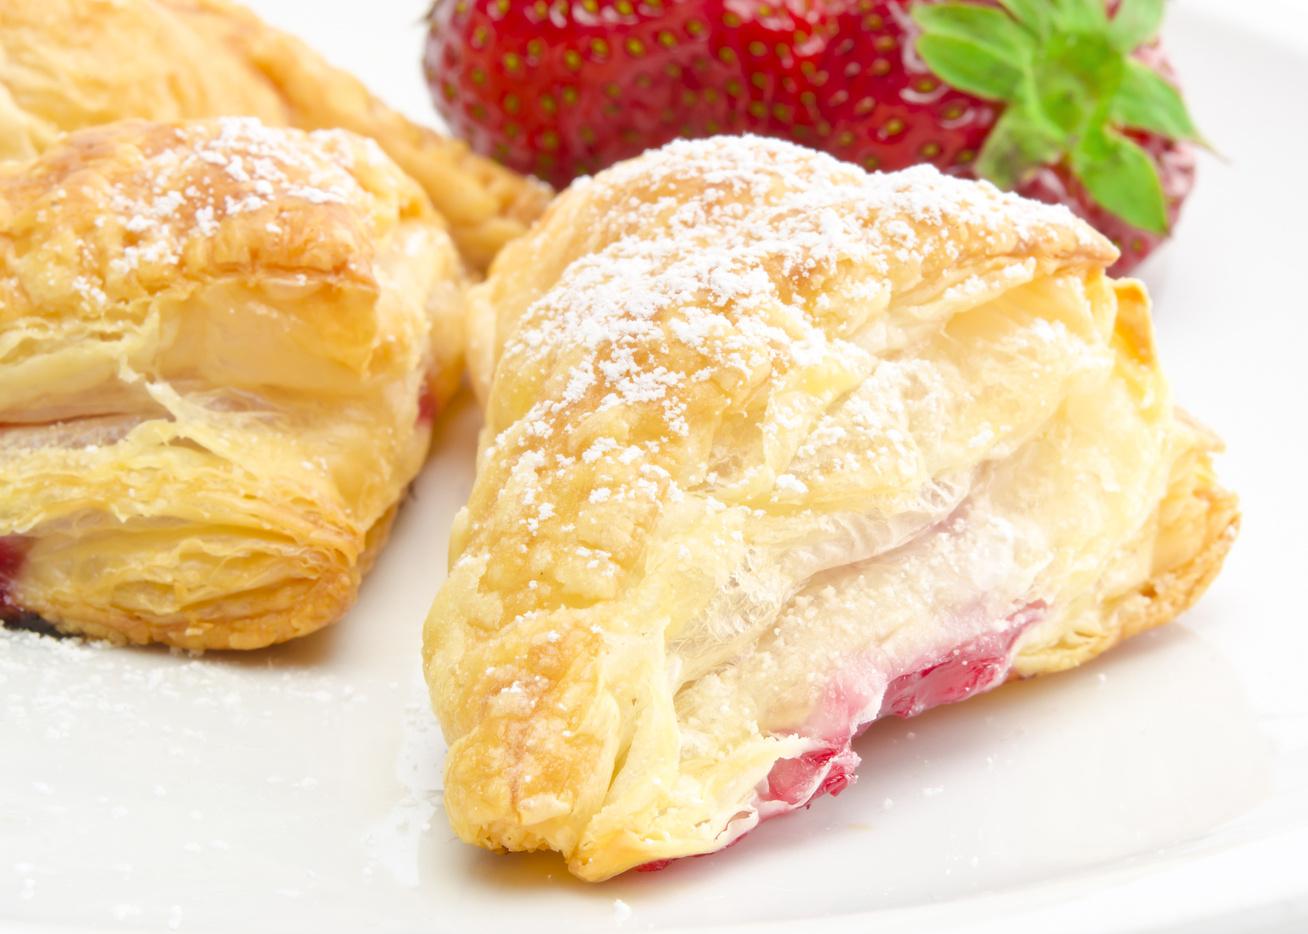 Ropogós, gyors lekváros táska: ilyen finomat nem kapsz a pékségben